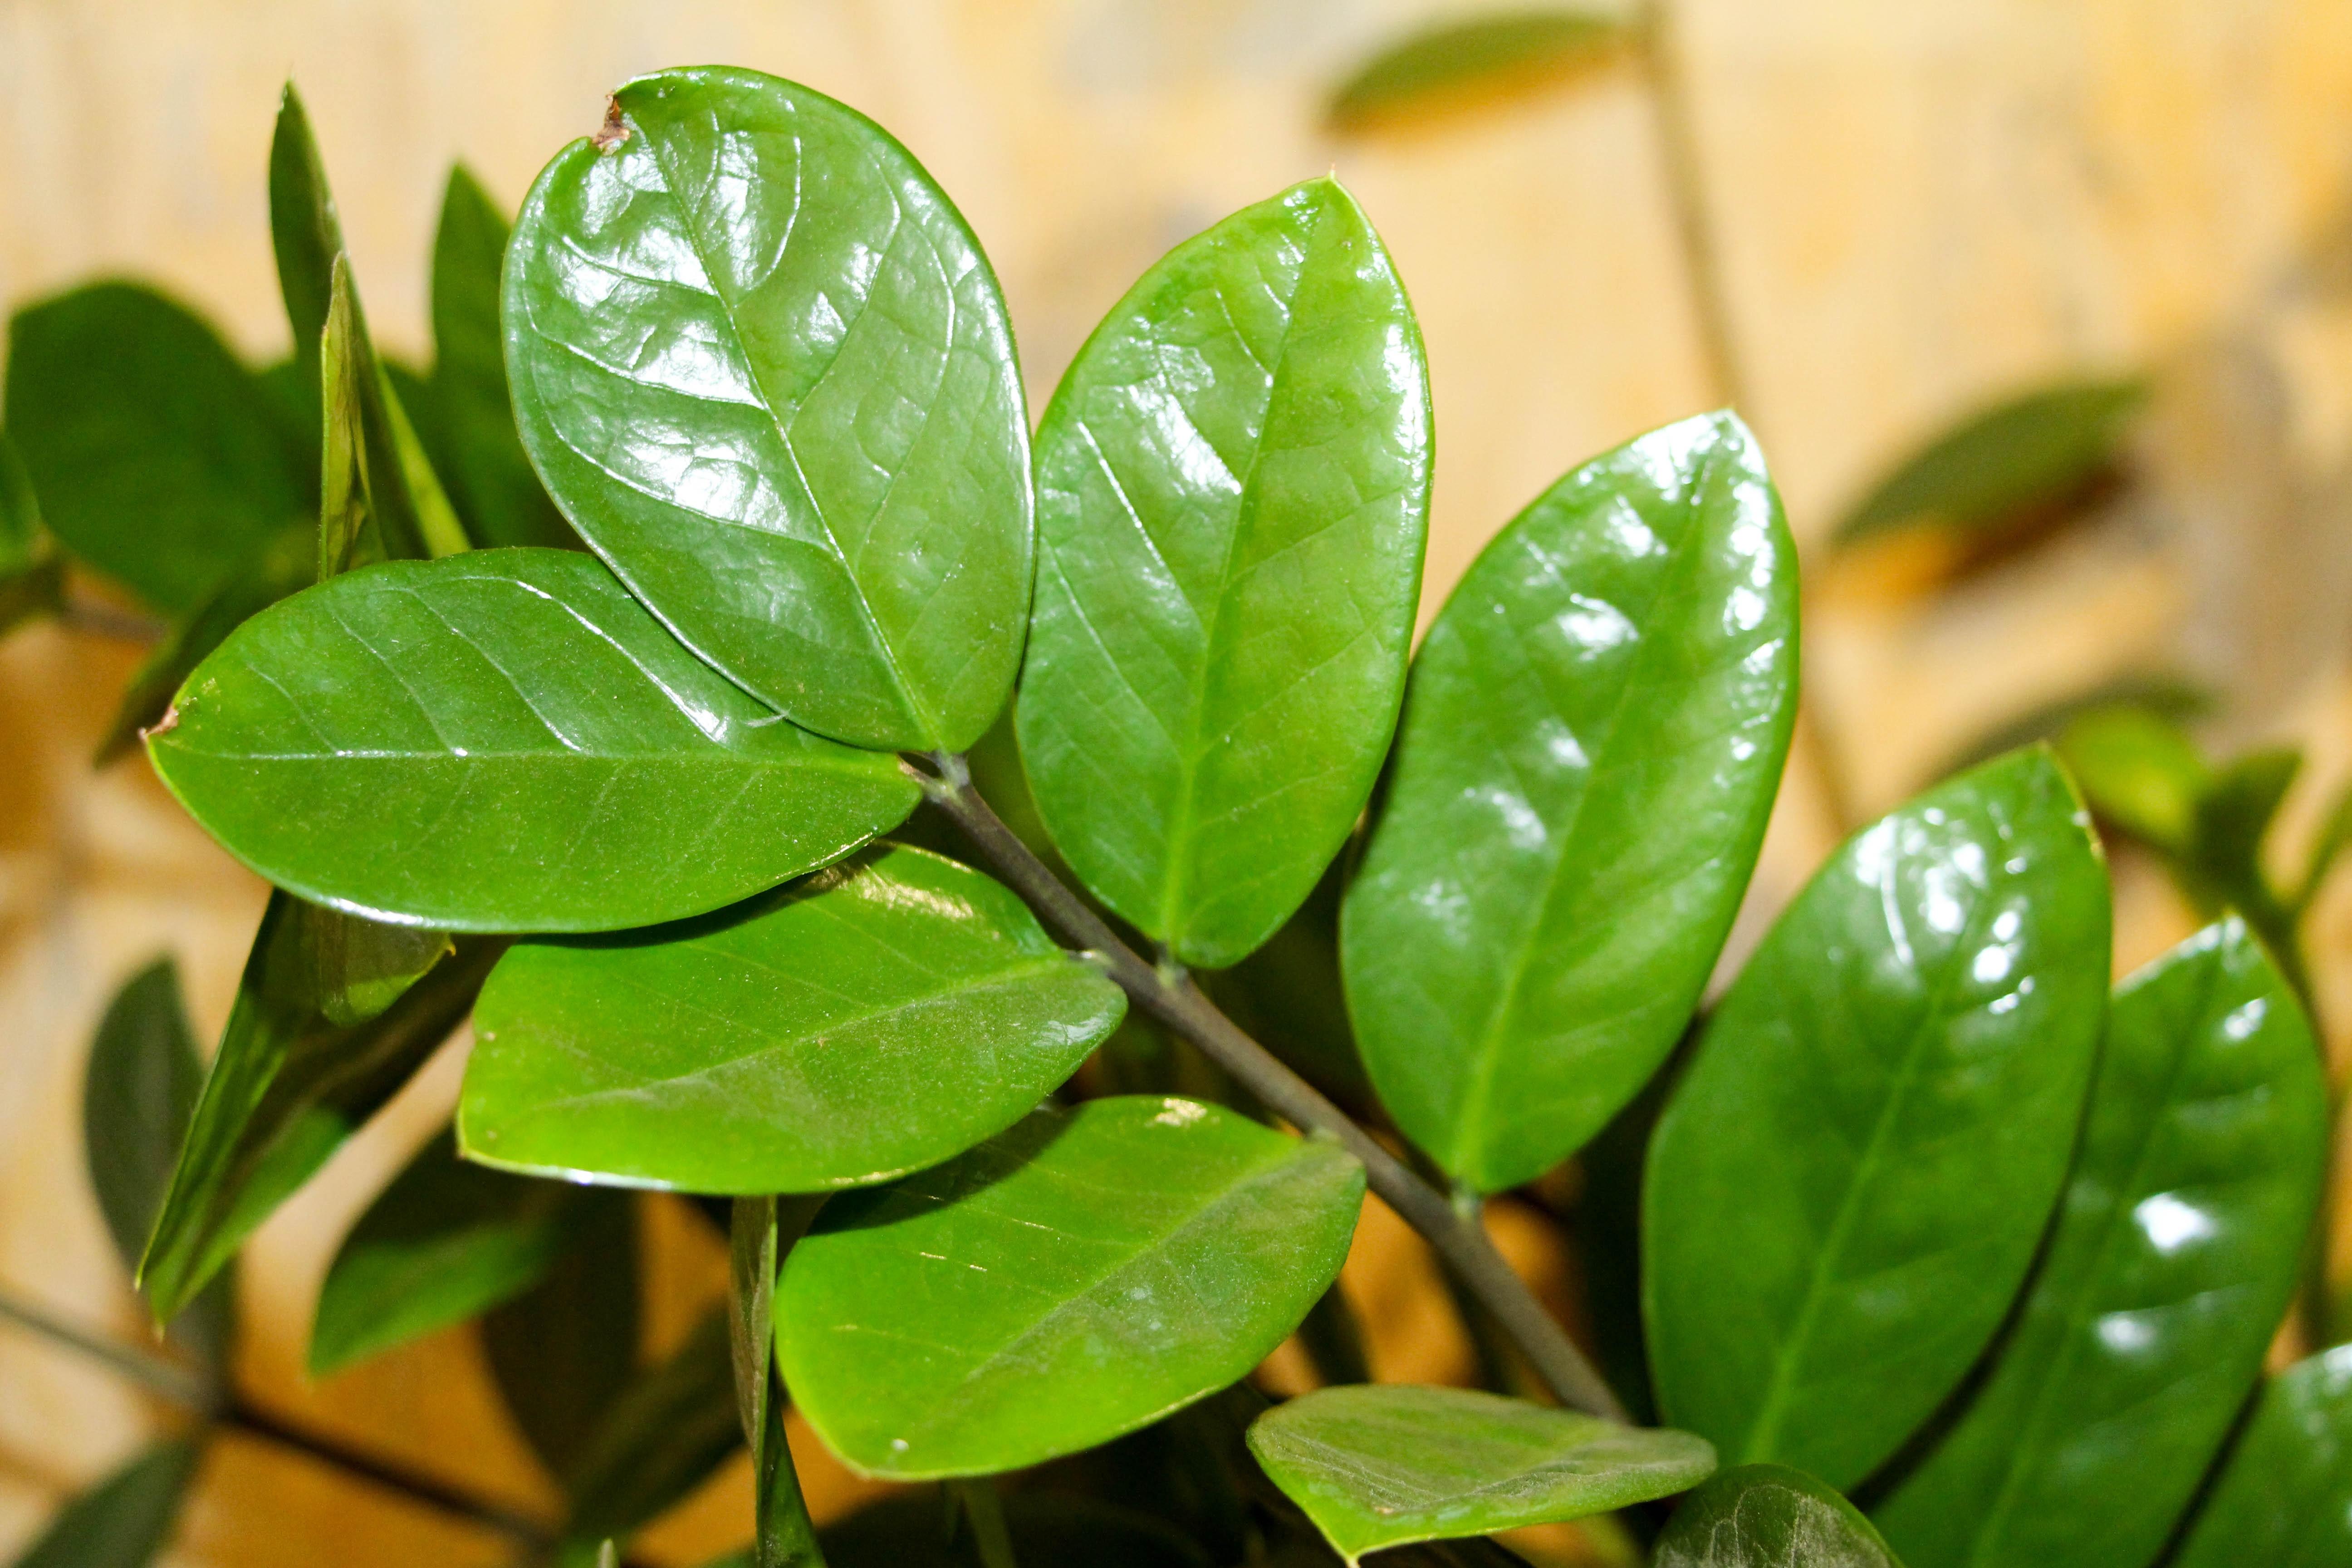 images gratuites branche feuille fleur aliments vert produire feuilles persistantes. Black Bedroom Furniture Sets. Home Design Ideas